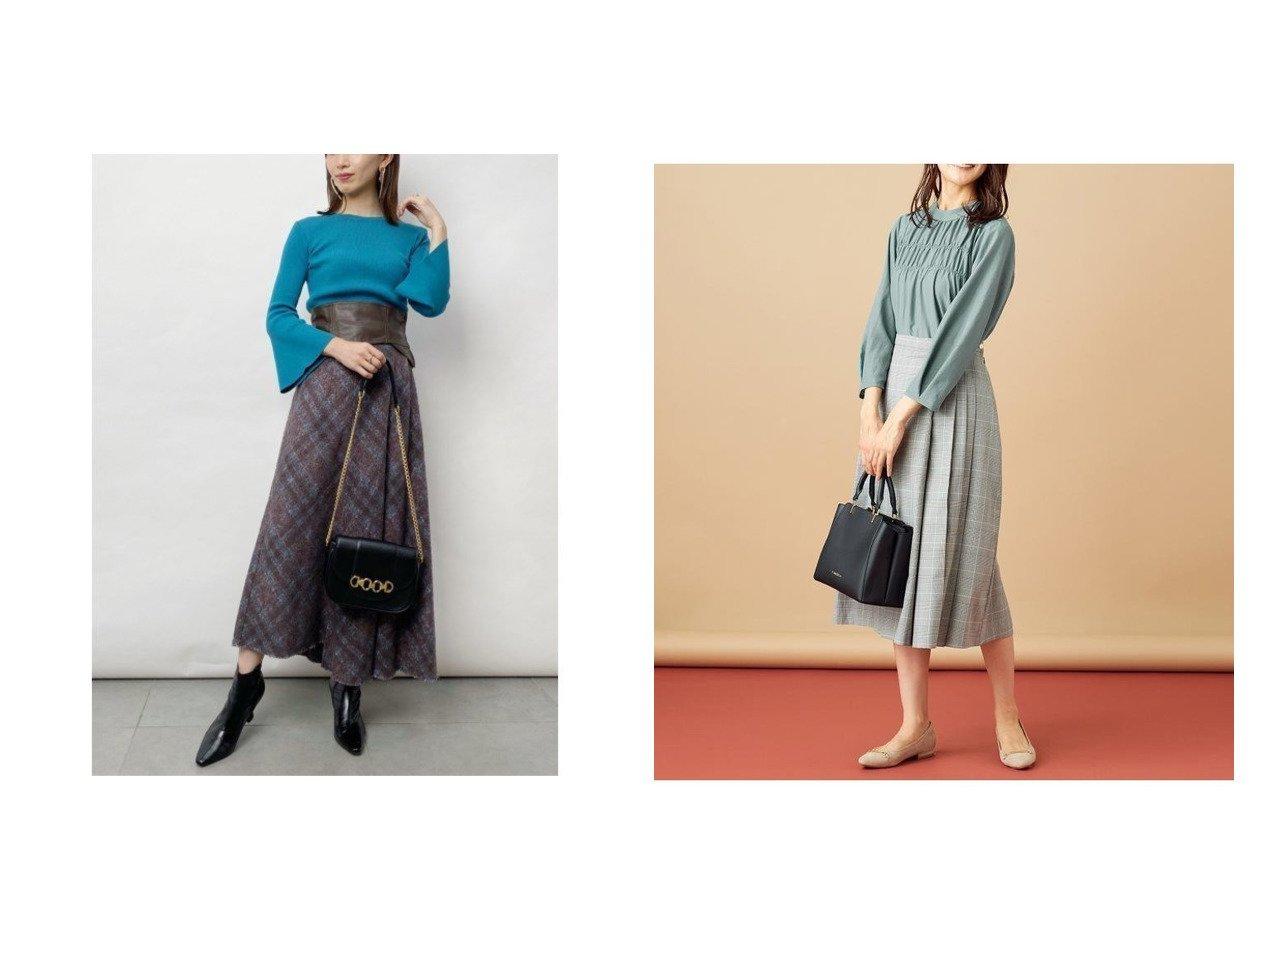 【SNIDEL/スナイデル】のアシメントリーデザインスカート&【any SiS/エニィ スィス】のフィブリルサテン ブラウス おすすめ!人気、レディースファッションの通販  おすすめで人気のファッション通販商品 インテリア・家具・キッズファッション・メンズファッション・レディースファッション・服の通販 founy(ファニー) https://founy.com/ ファッションモデル・俳優・女優 Models 女性 Women 田中みな実 Tanaka Minami ファッション Fashion レディース WOMEN スカート Skirt Aライン/フレアスカート Flared A-Line Skirts トップス Tops Tshirt シャツ/ブラウス Shirts Blouses アシンメトリー エレガント オレンジ ギャザー スマート チェック バランス フレア 秋冬 A/W Autumn/ Winter インナー 秋 |ID:crp329100000003617